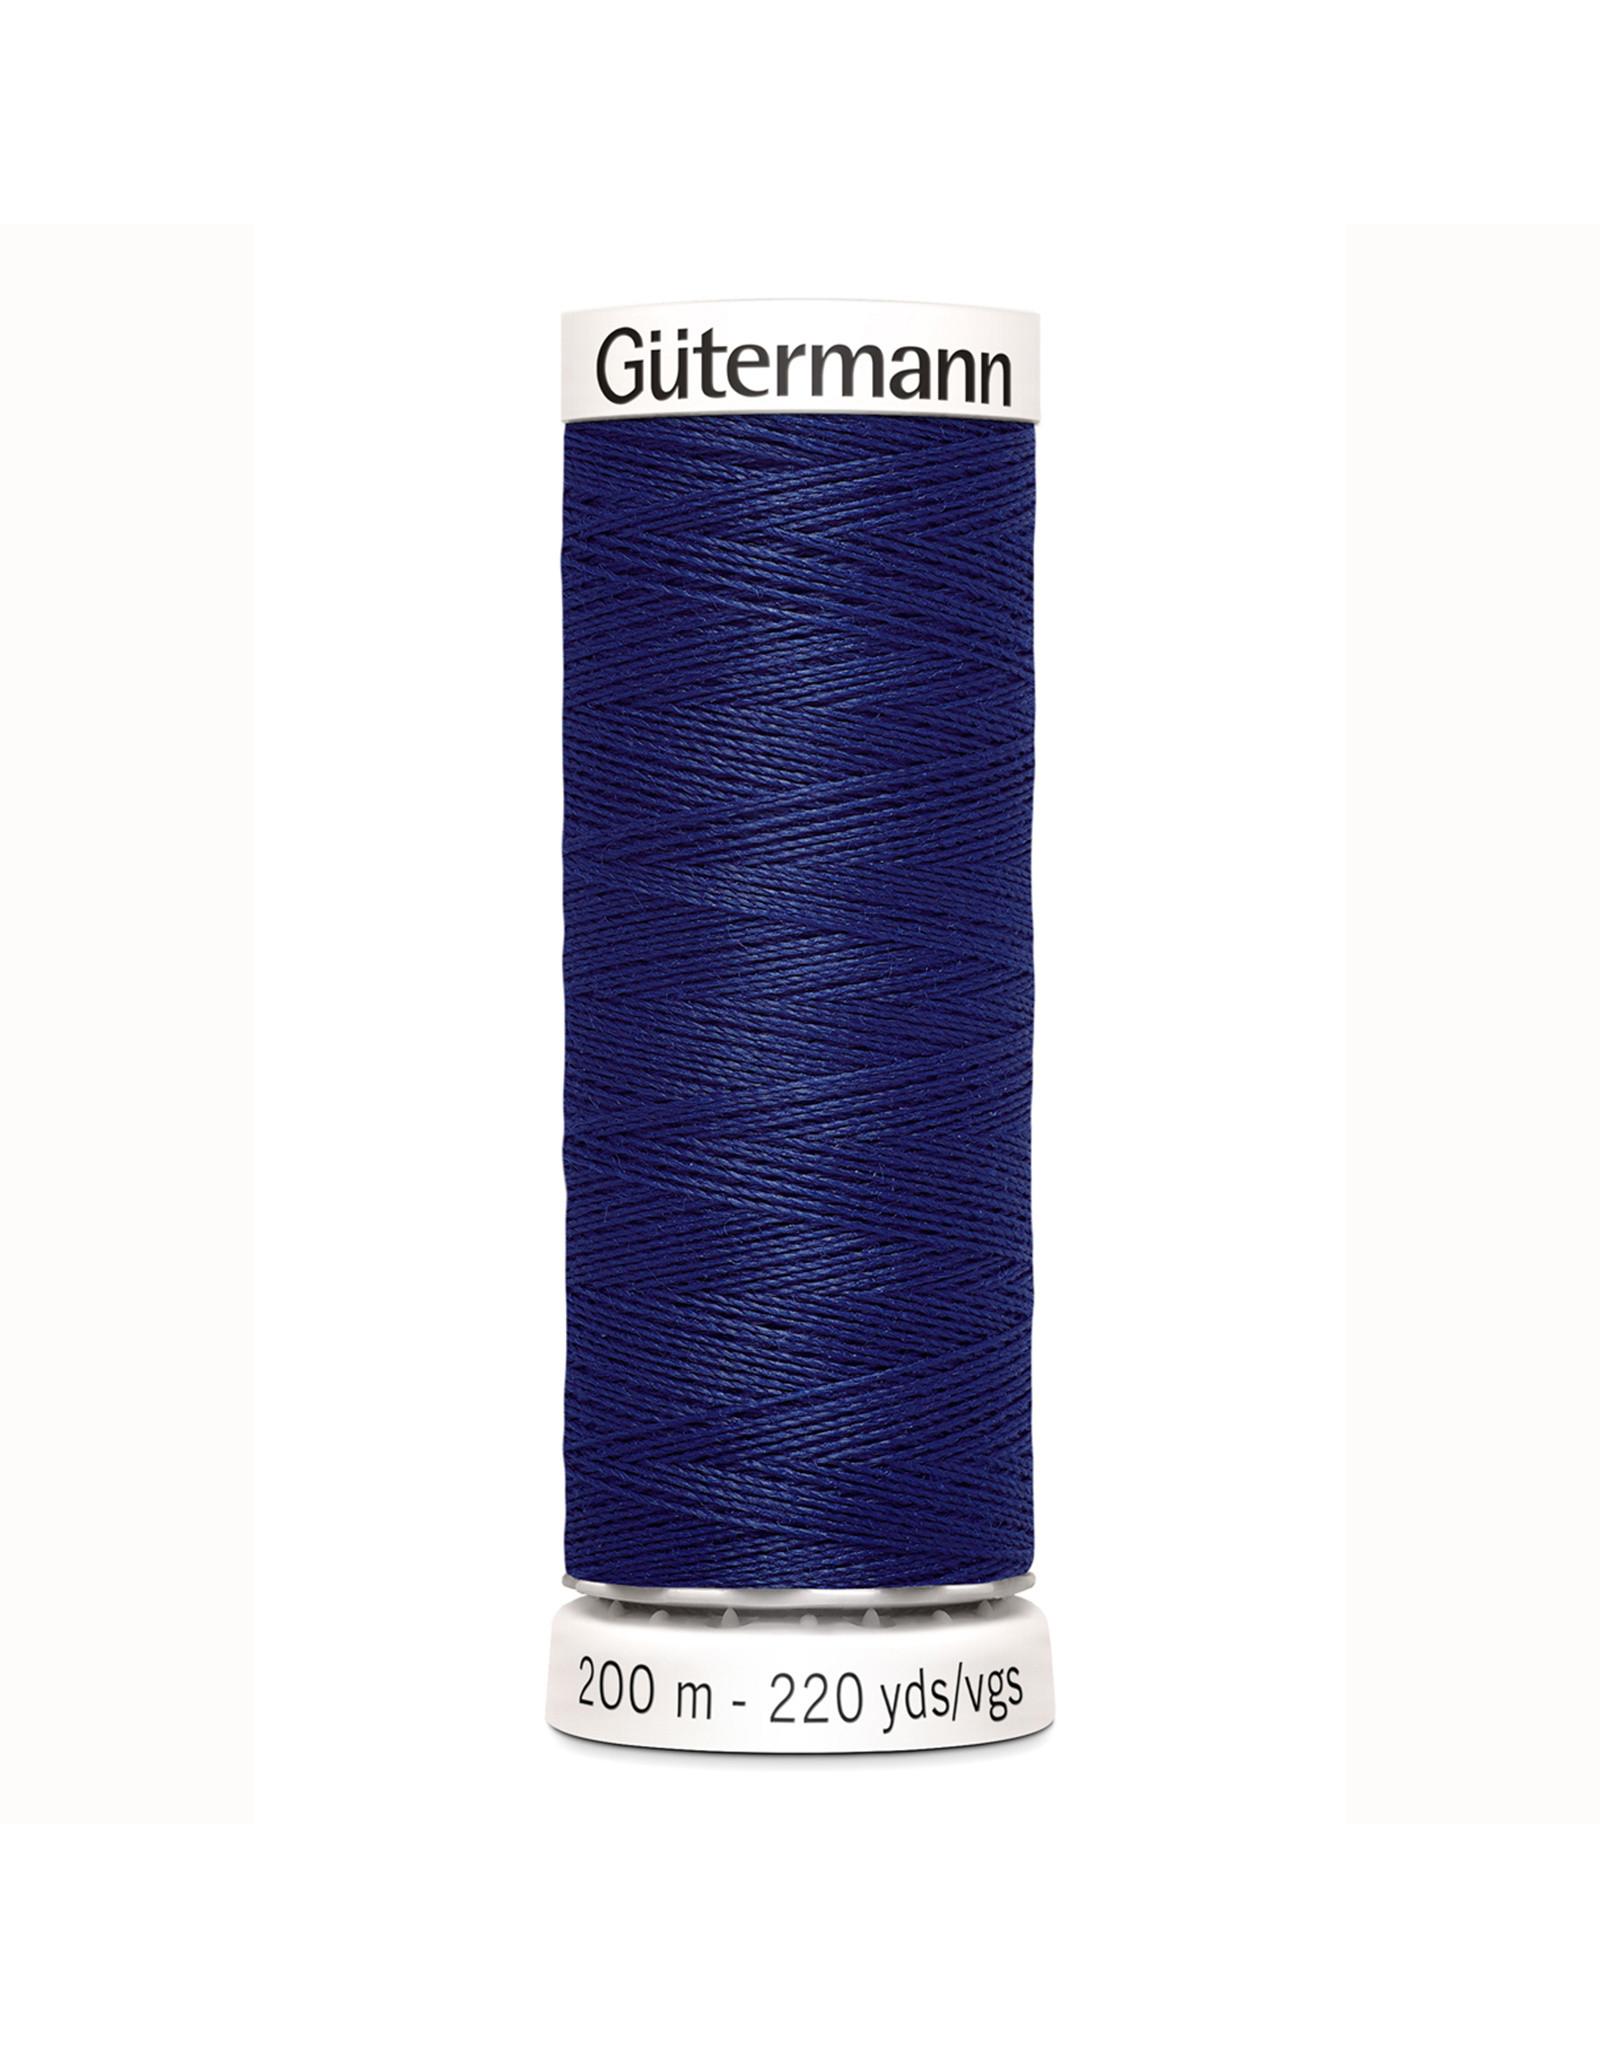 Gütermann Gütermann Sewing Thread 200 m - nr 309